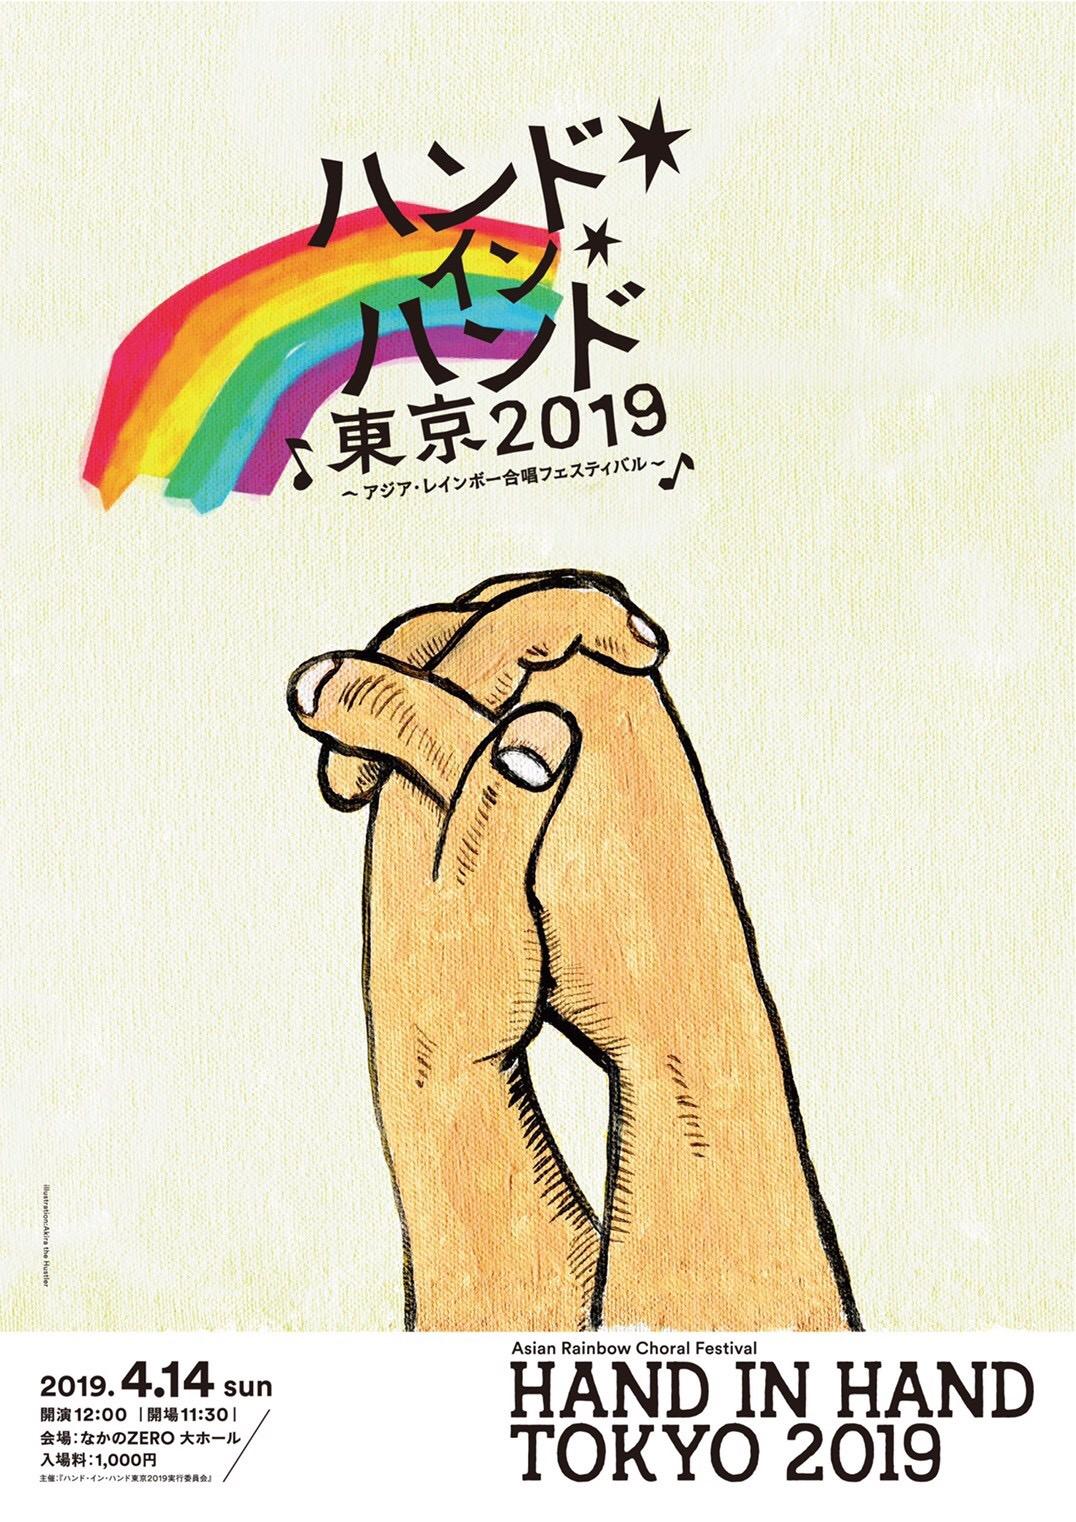 Hand in Hand 2019 Tokyo